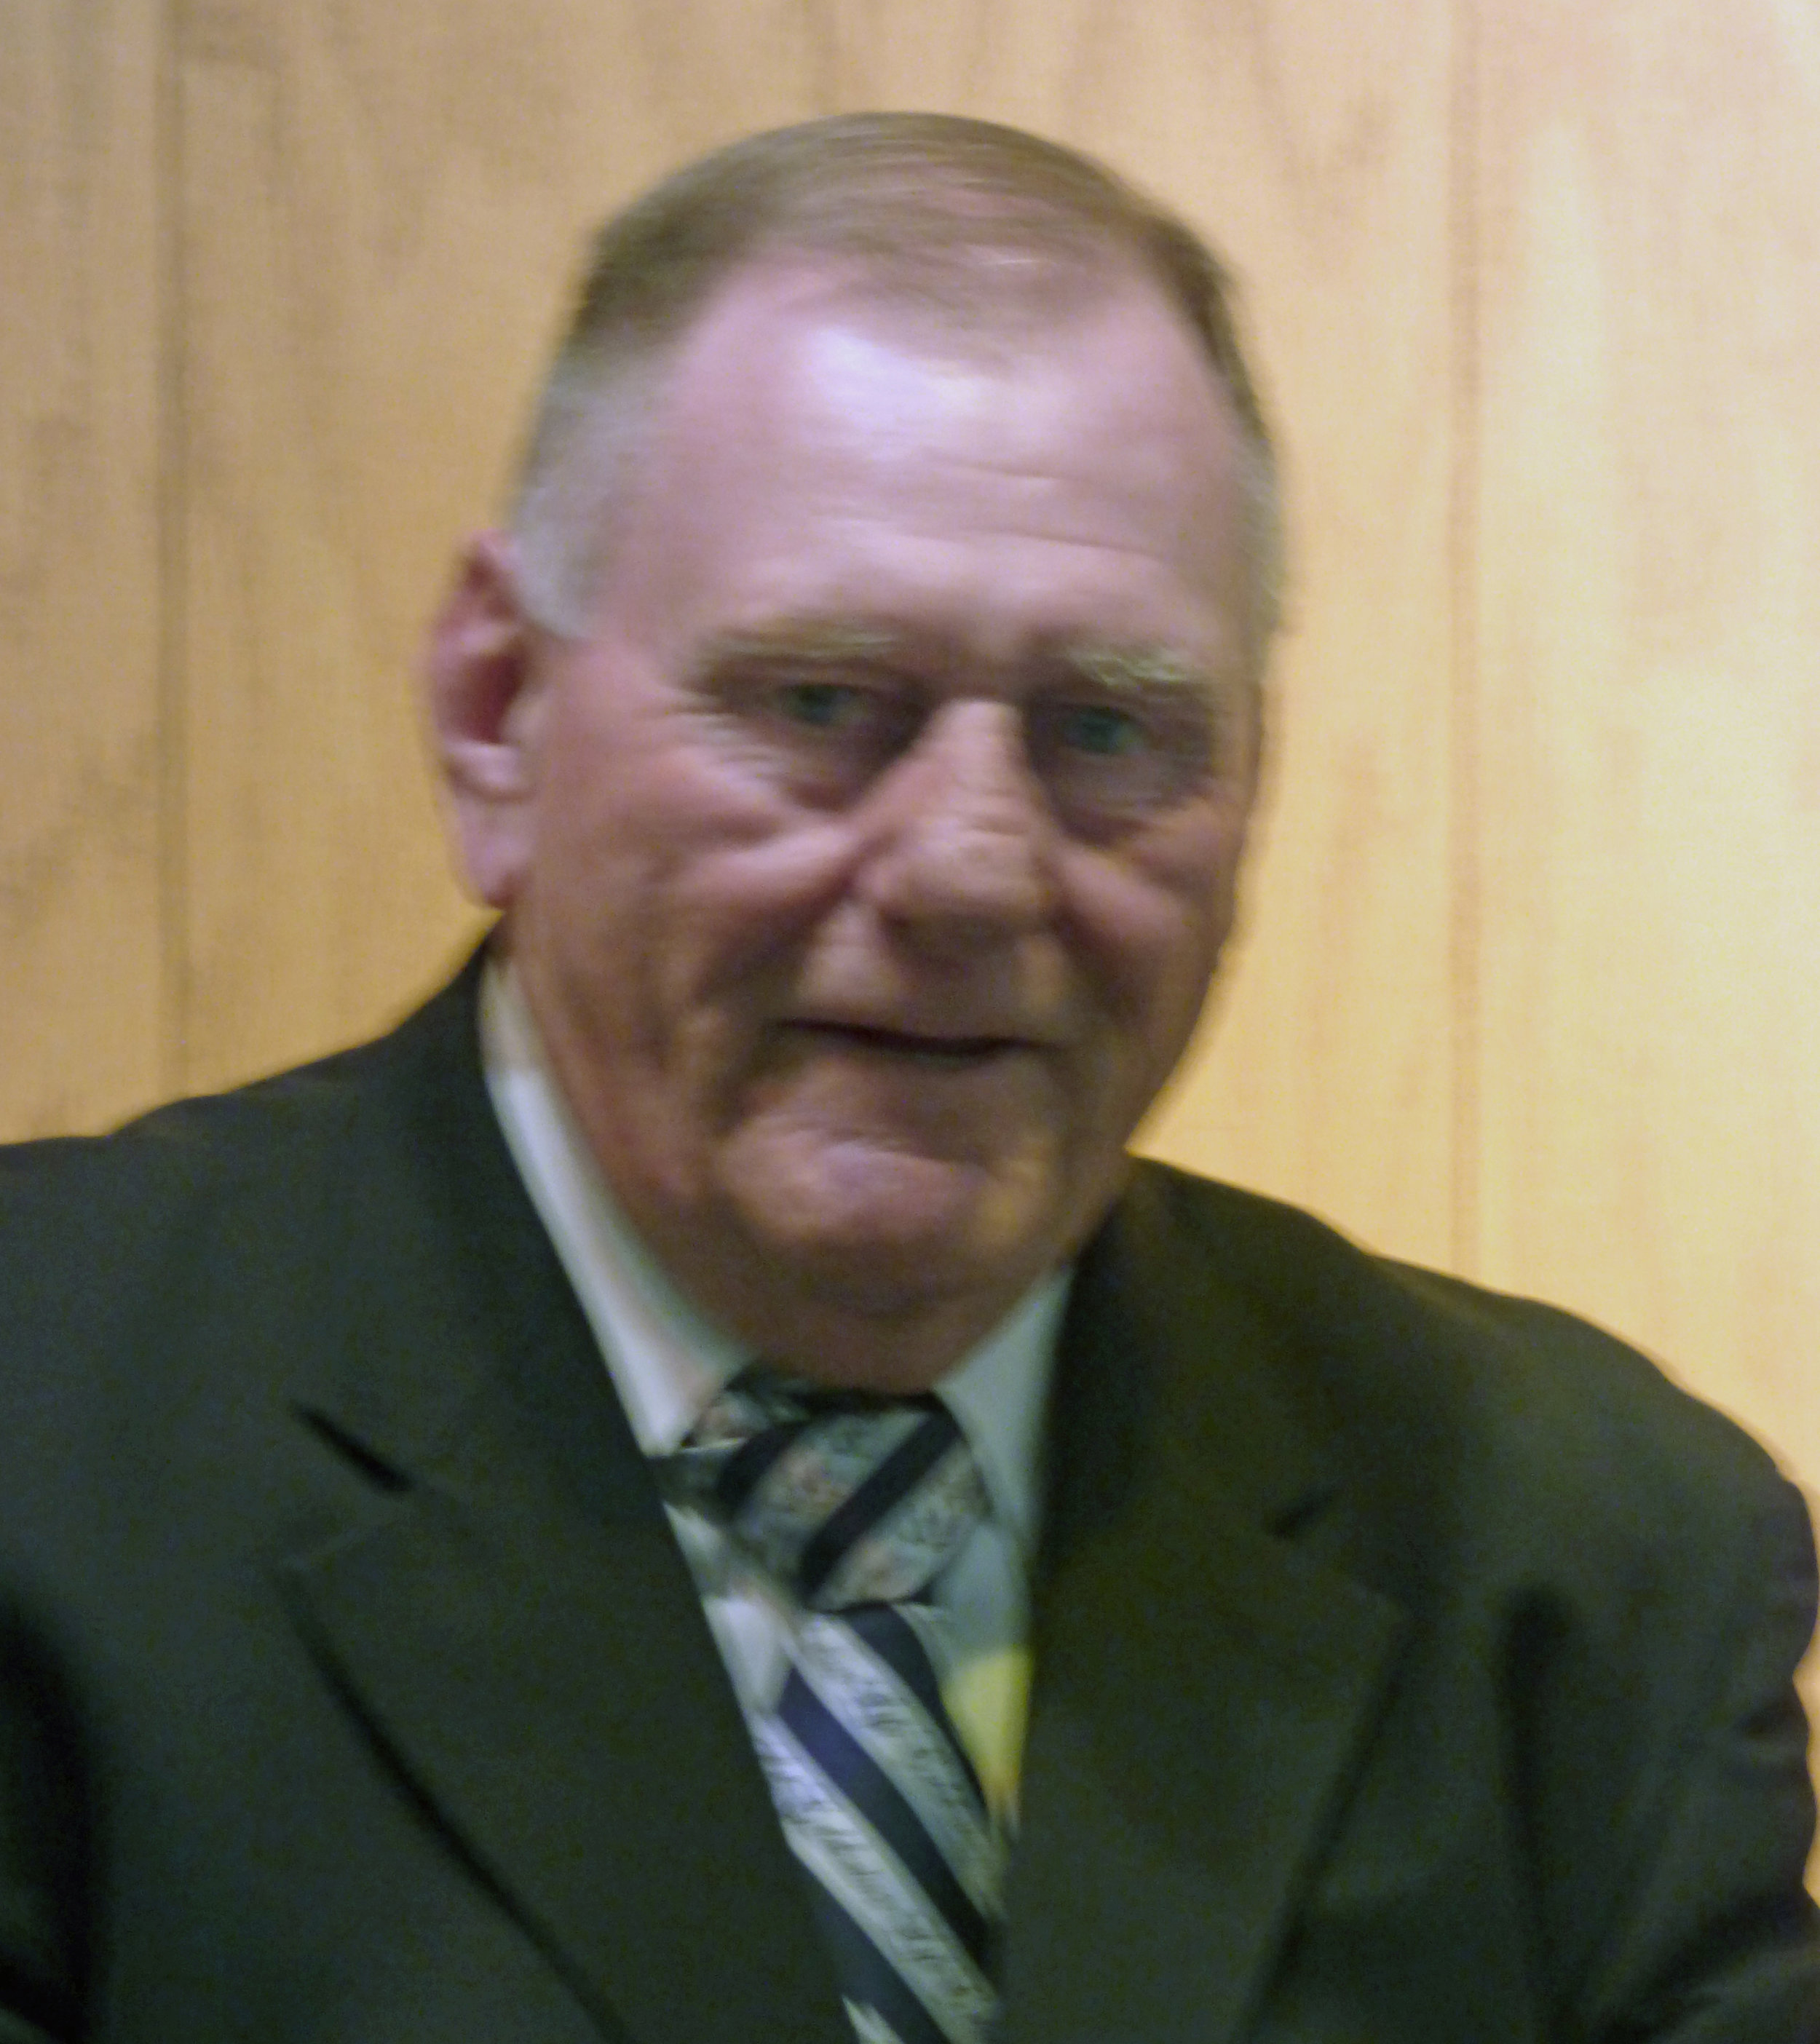 Hugh Ott